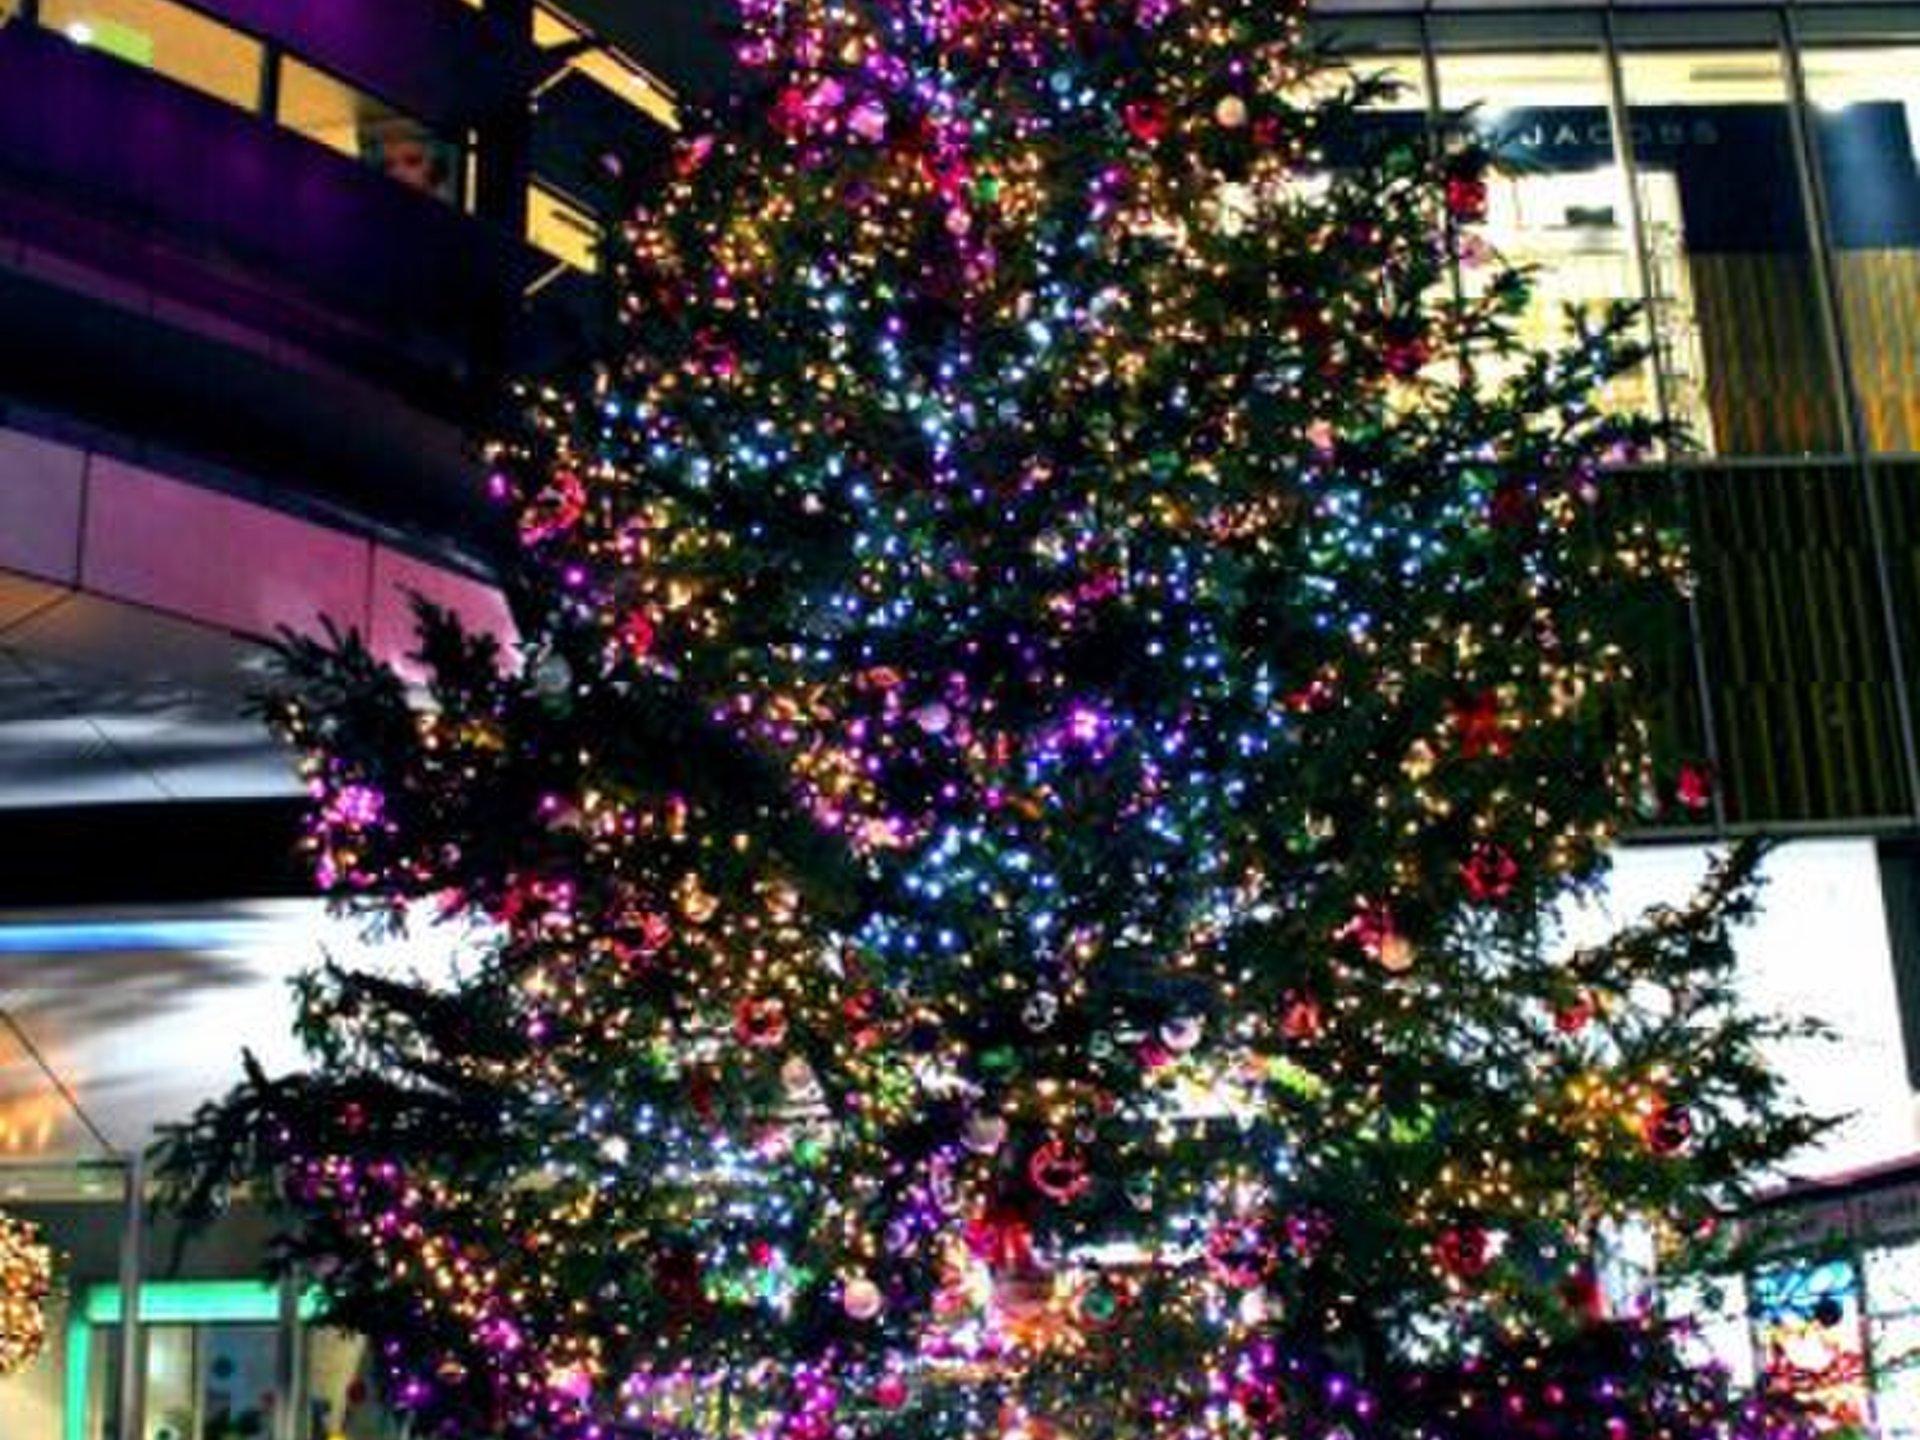 恋人とこの冬絶対に見たい渋谷・原宿の巨大クリスマスツリー!23時まで行われるライトアップショーも